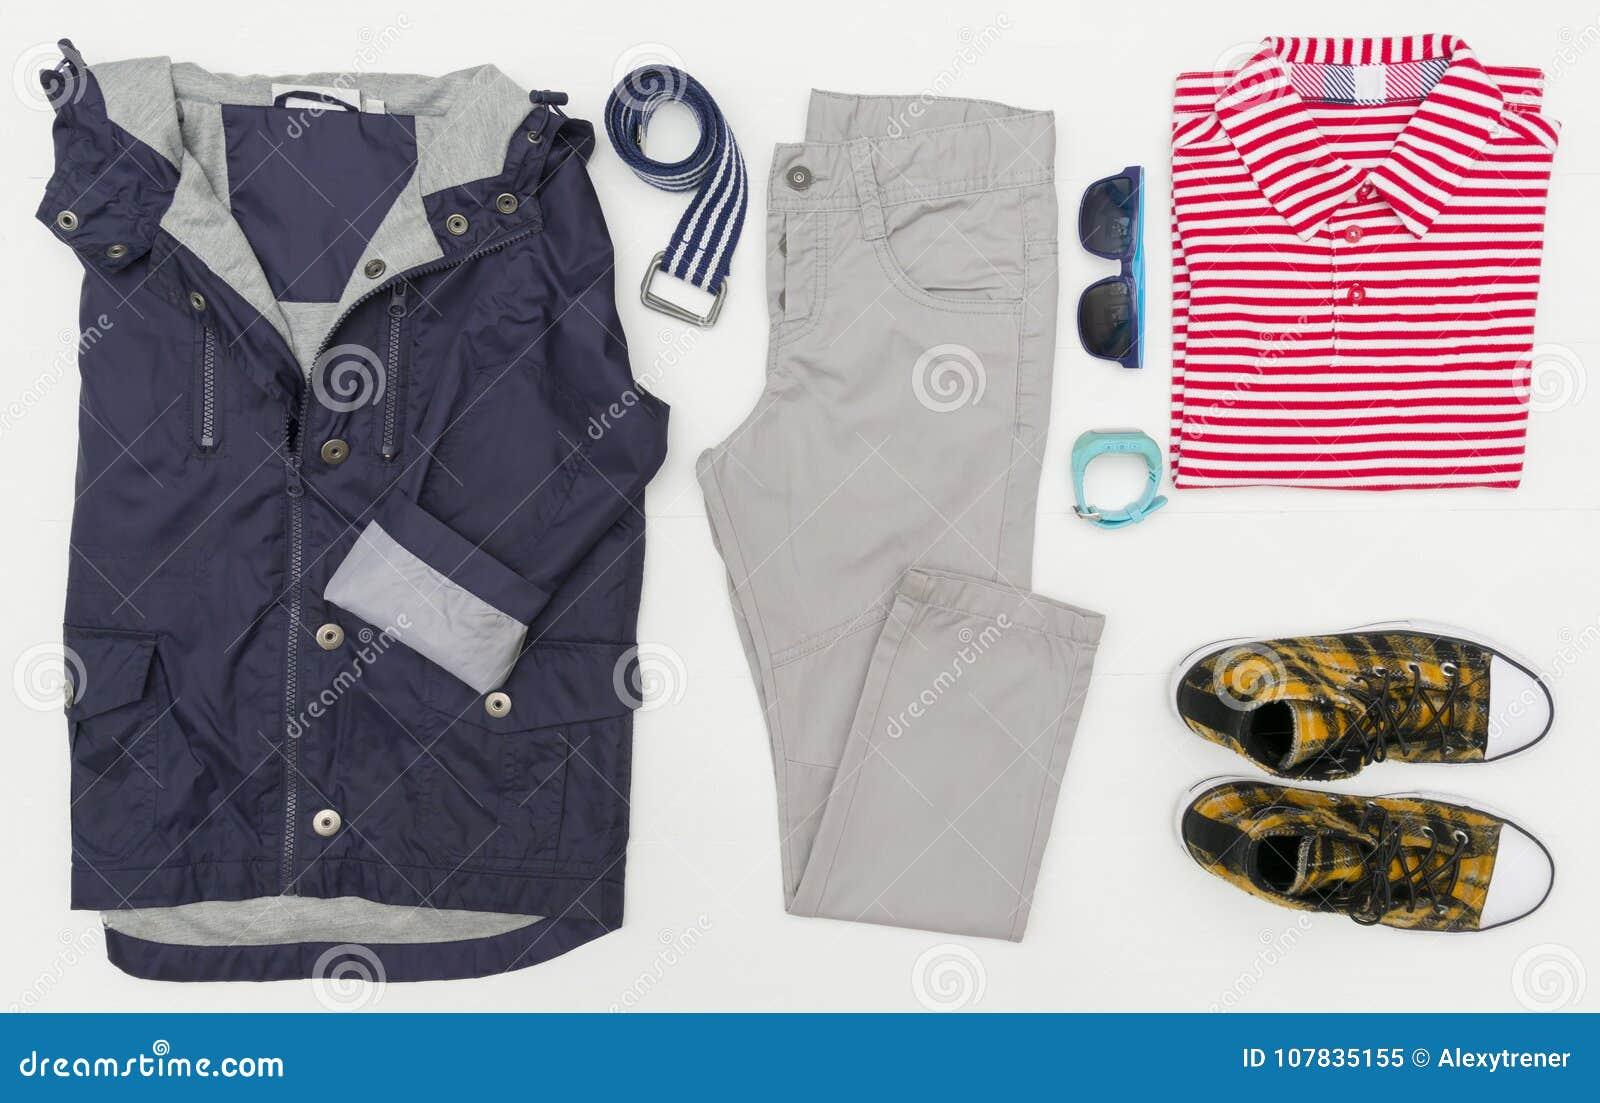 La mirada de moda de la moda de la visión superior de niños viste manera de los cabritos Primavera, equipo del otoño